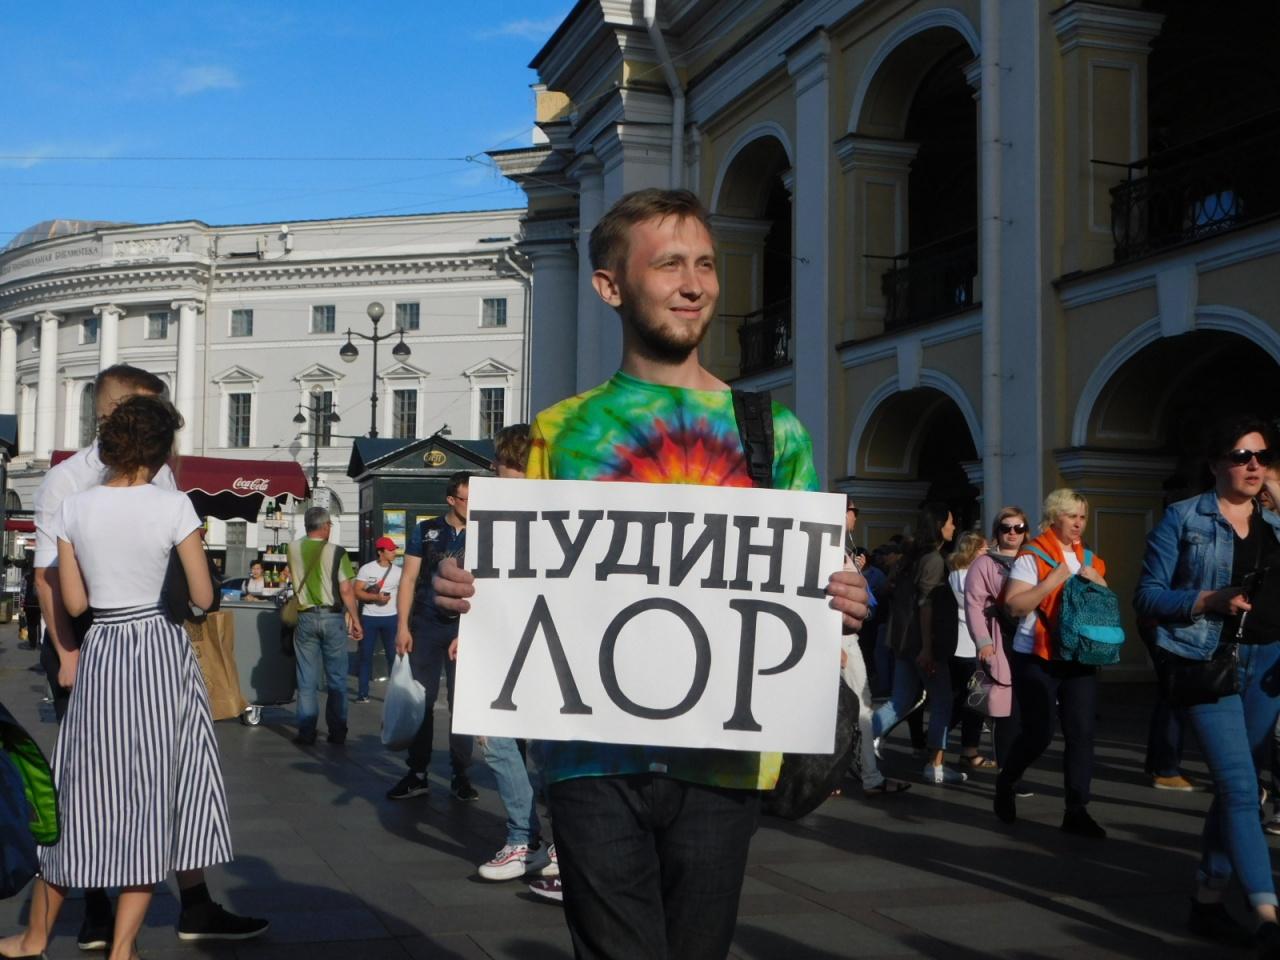 фото ЗакС политика Задержанным за плакаты о Путине и пудинге вменяют организацию несанкционированного мероприятия